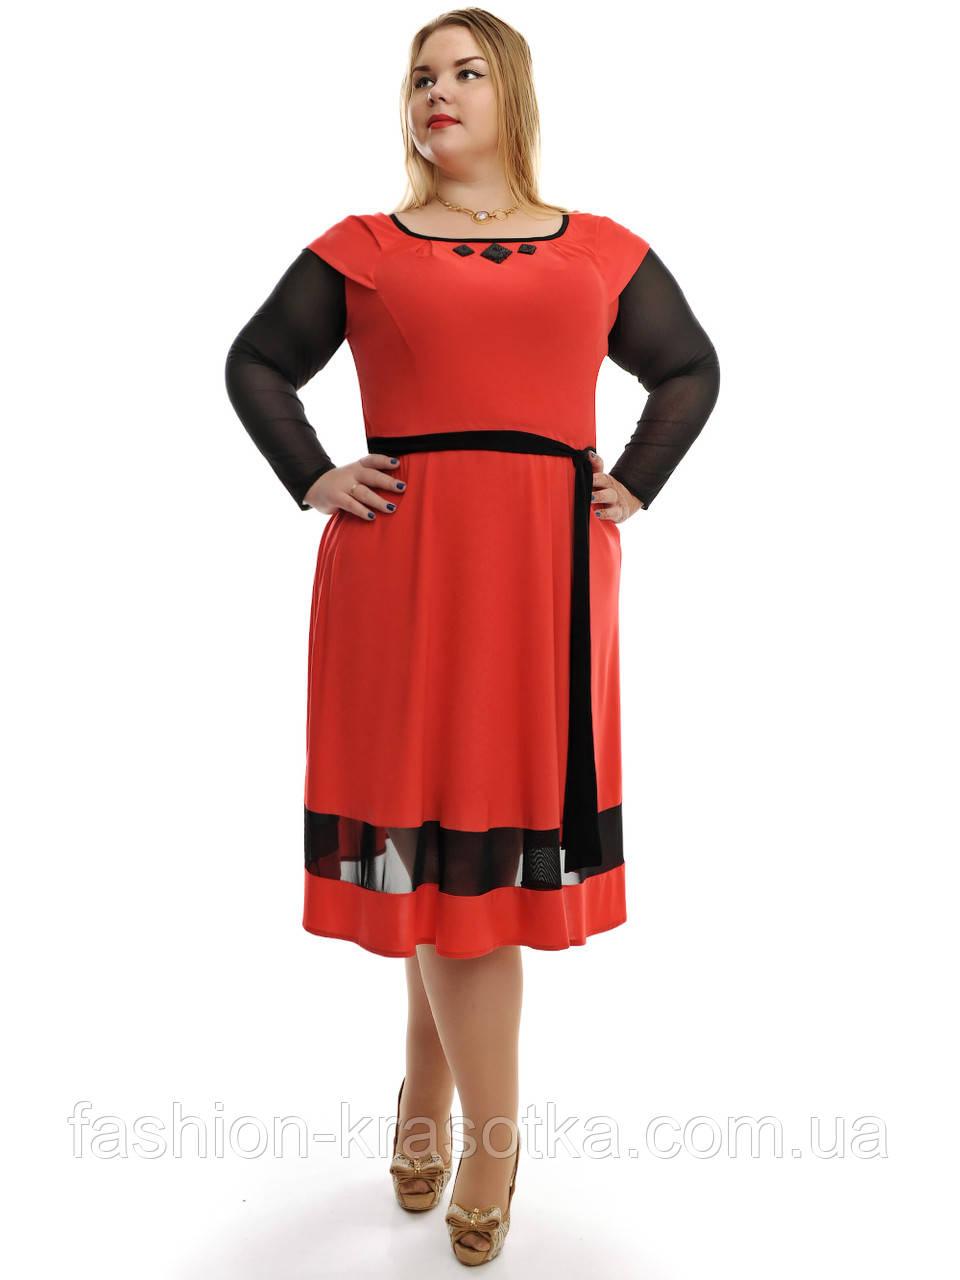 Платье расклешенное с поясом и гипюровыми рукавами ,модель ДК 704